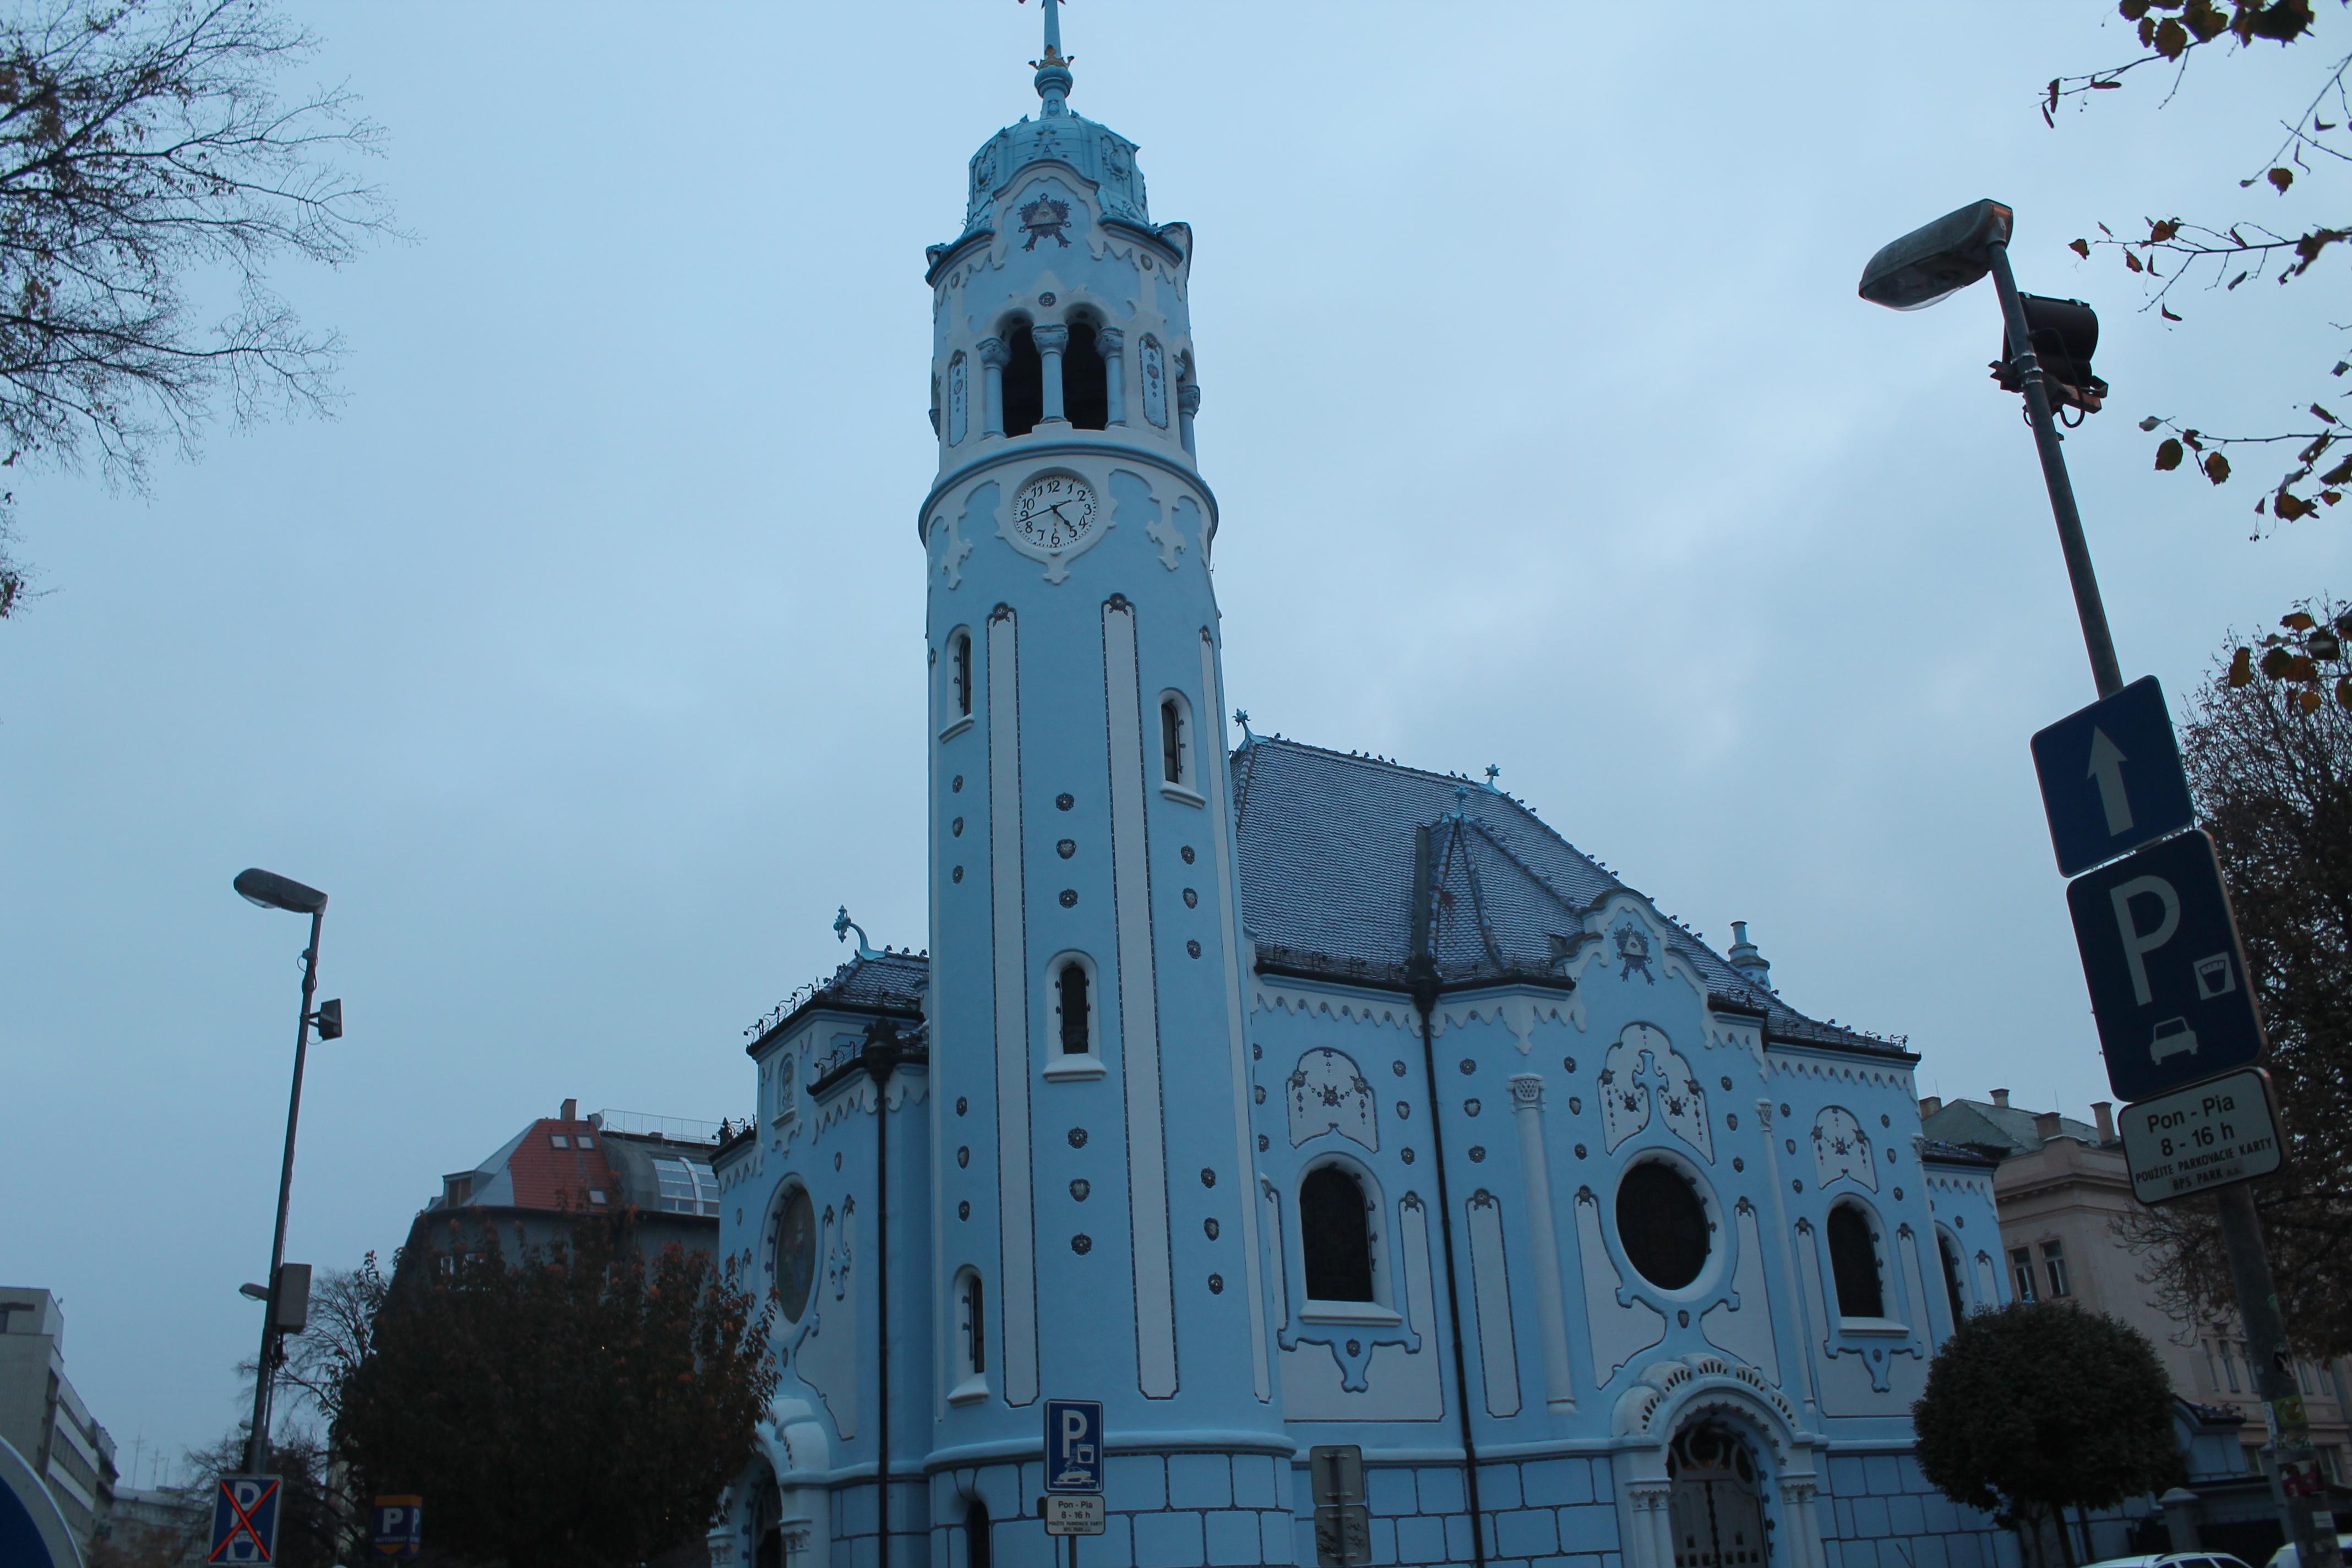 La chiesa Blu Bratislava